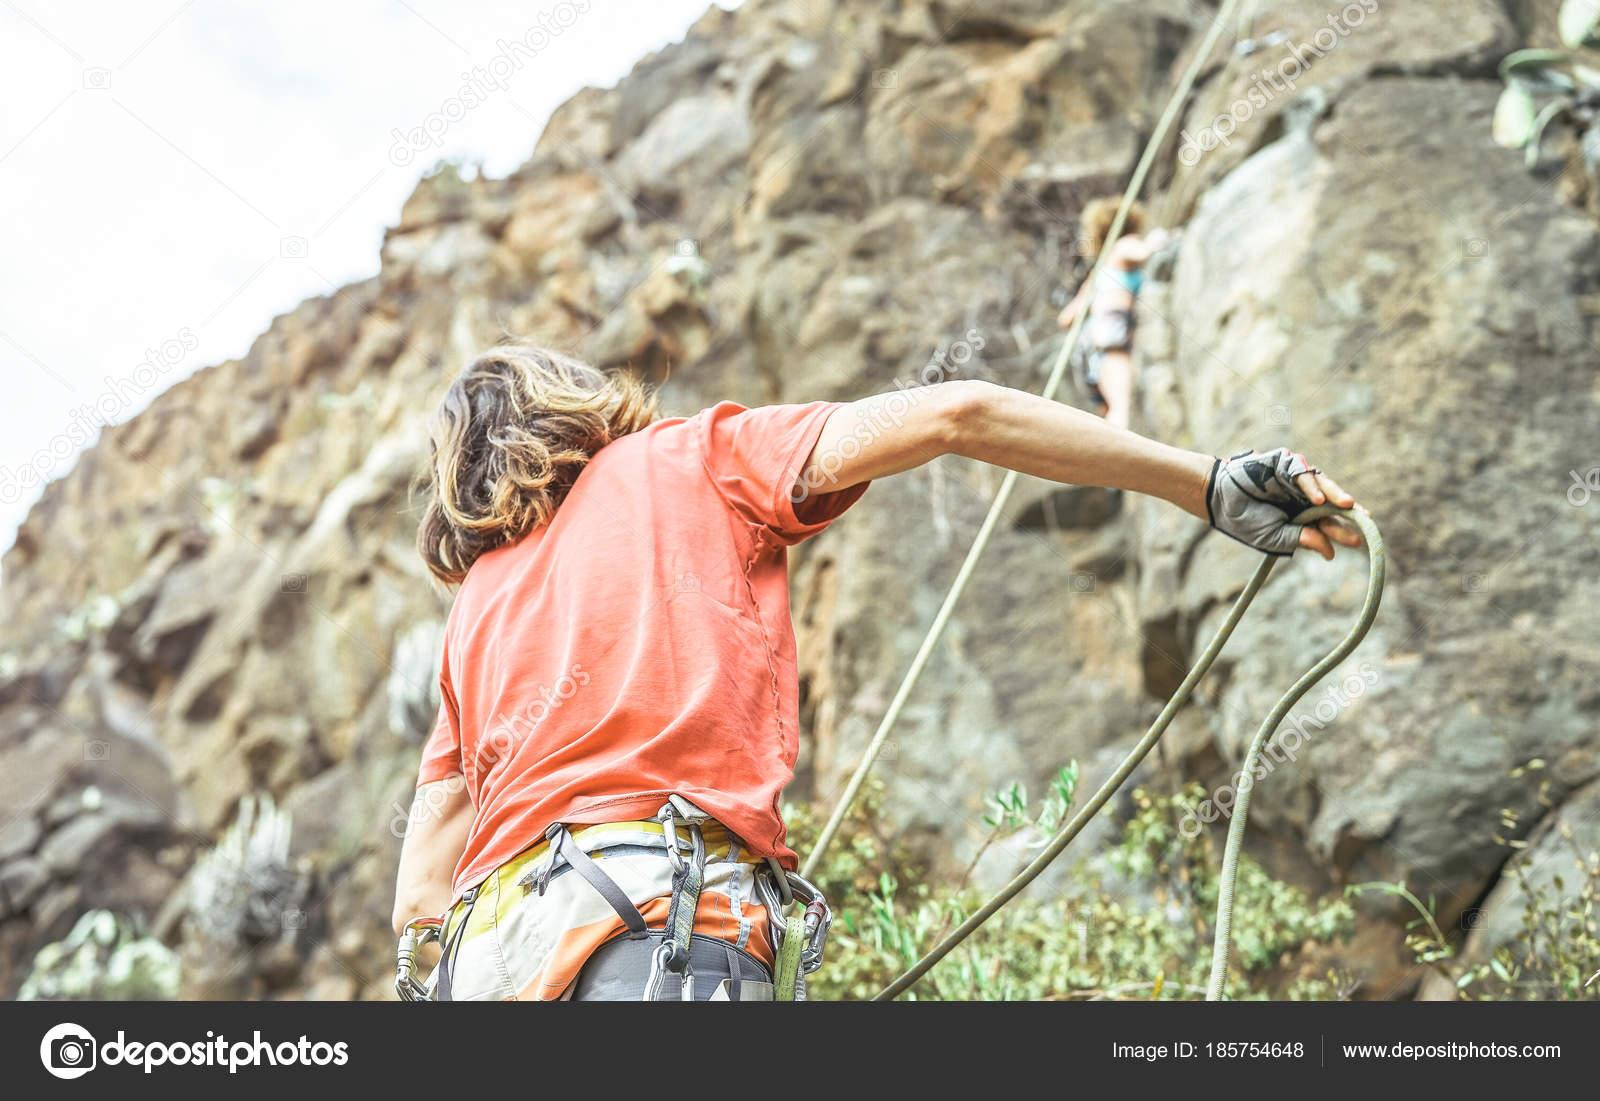 Kletterausrüstung In Der Nähe : Mann die frau oben berg klippe kletterer aktion auf u2014 stockfoto